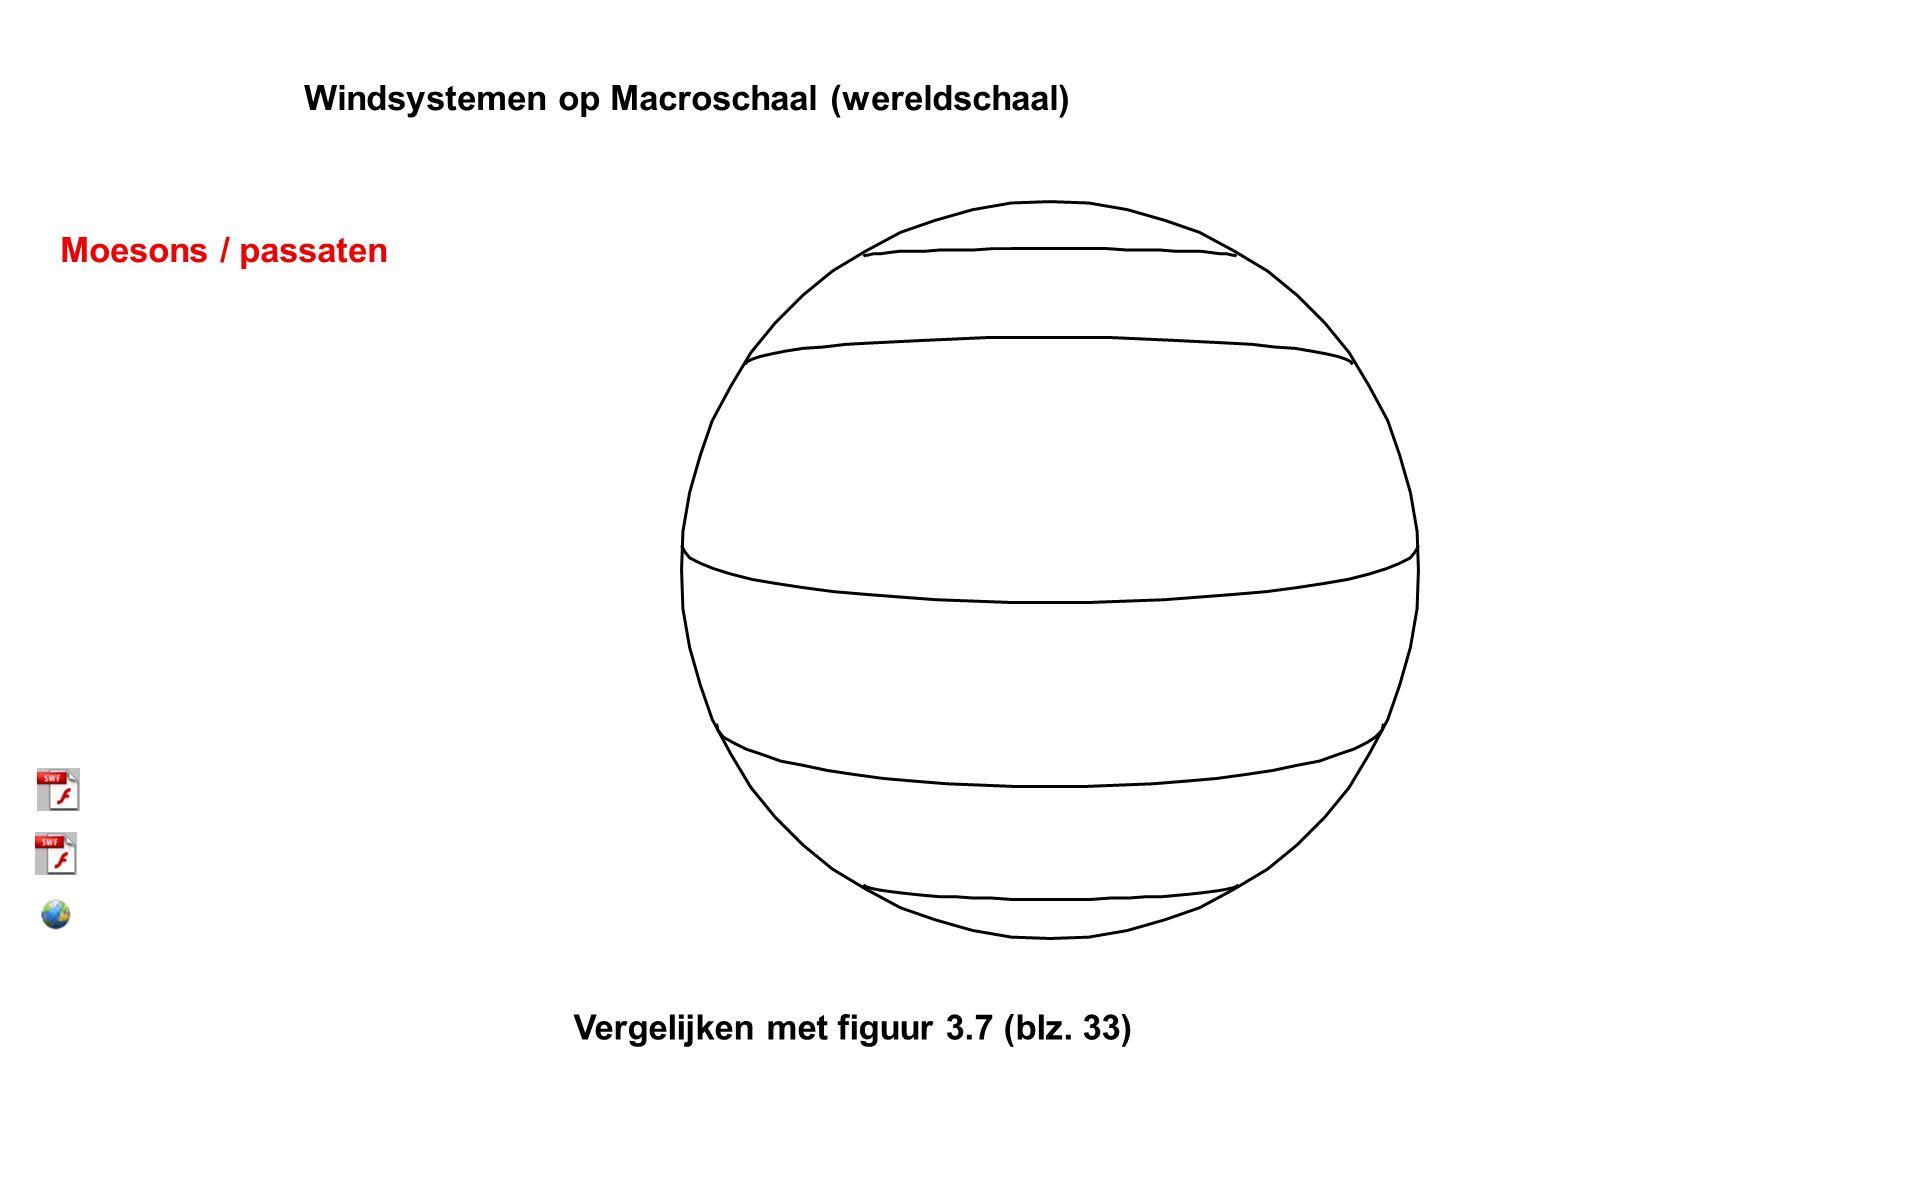 Vergelijken met figuur 3.7 (blz. 33) Windsystemen op Macroschaal (wereldschaal) Moesons / passaten